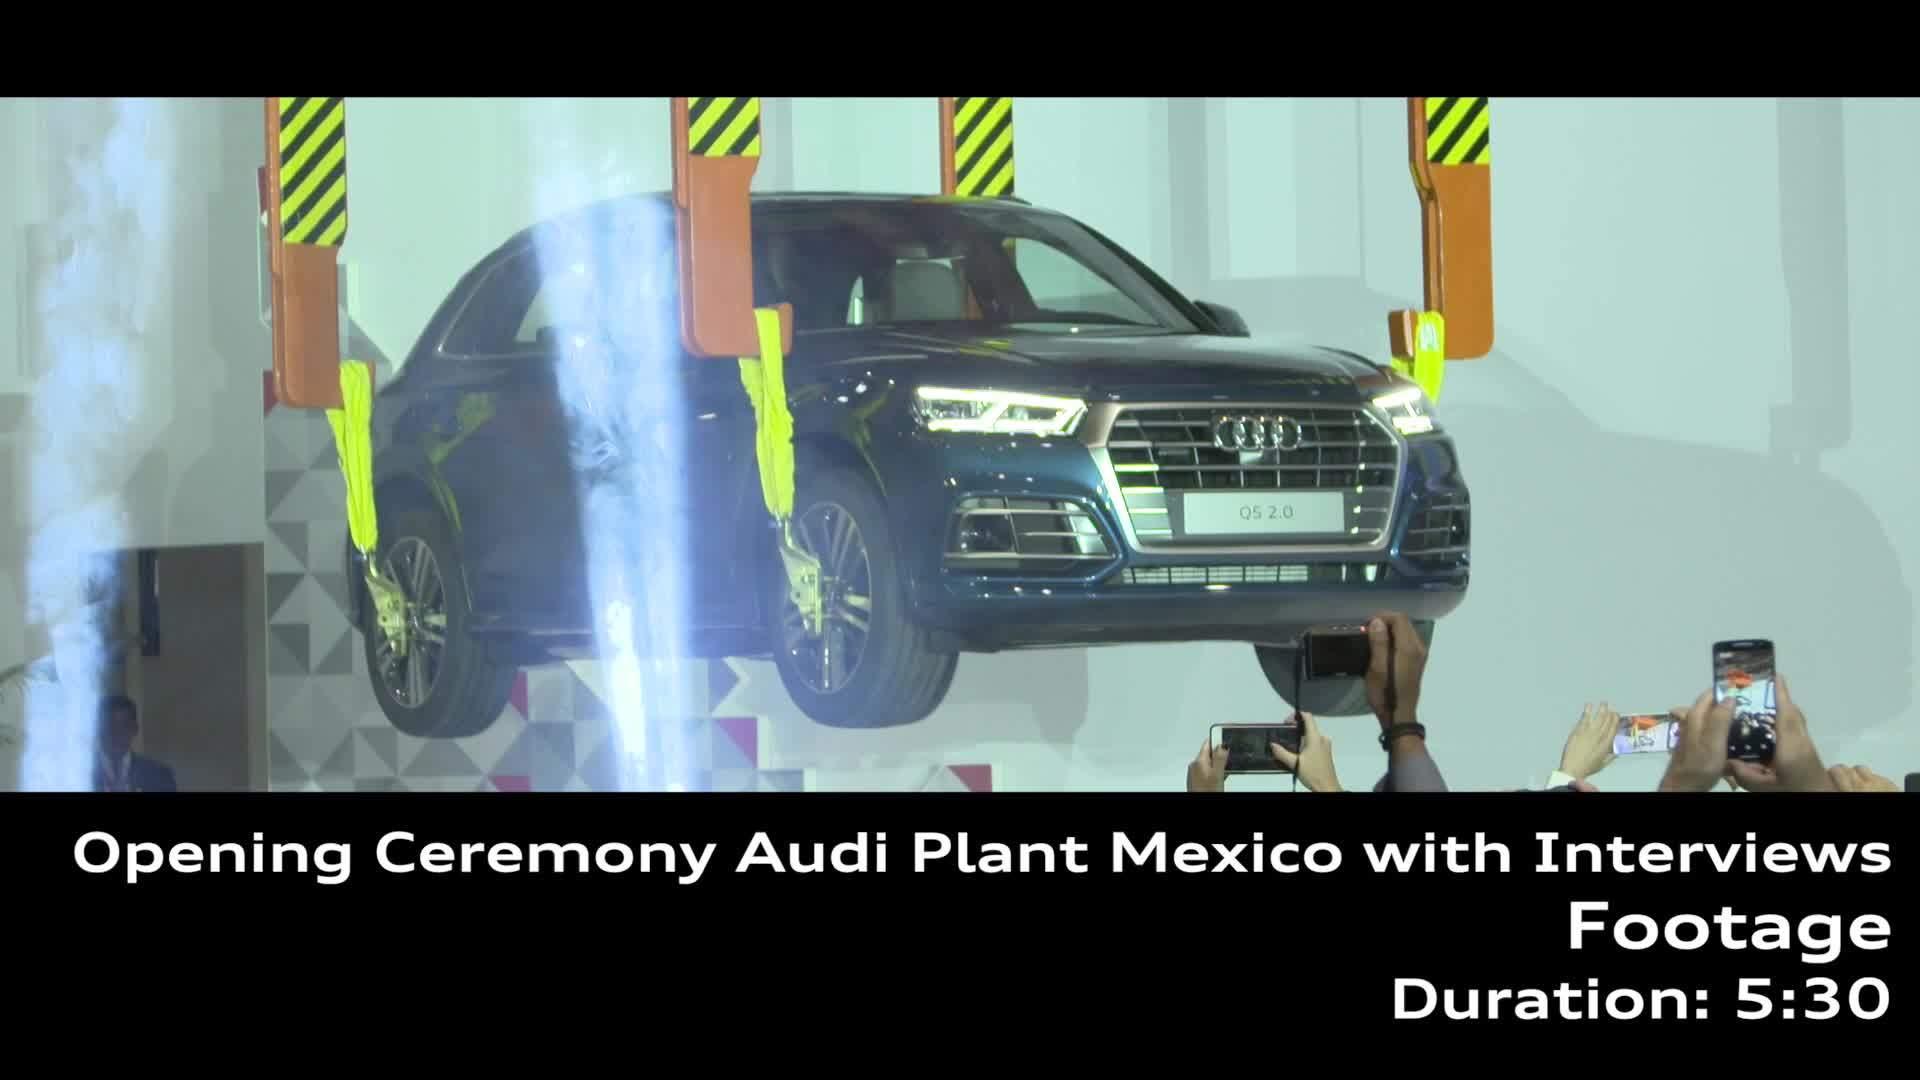 Eröffnung des neuen Automobilwerks in Mexiko – Footage